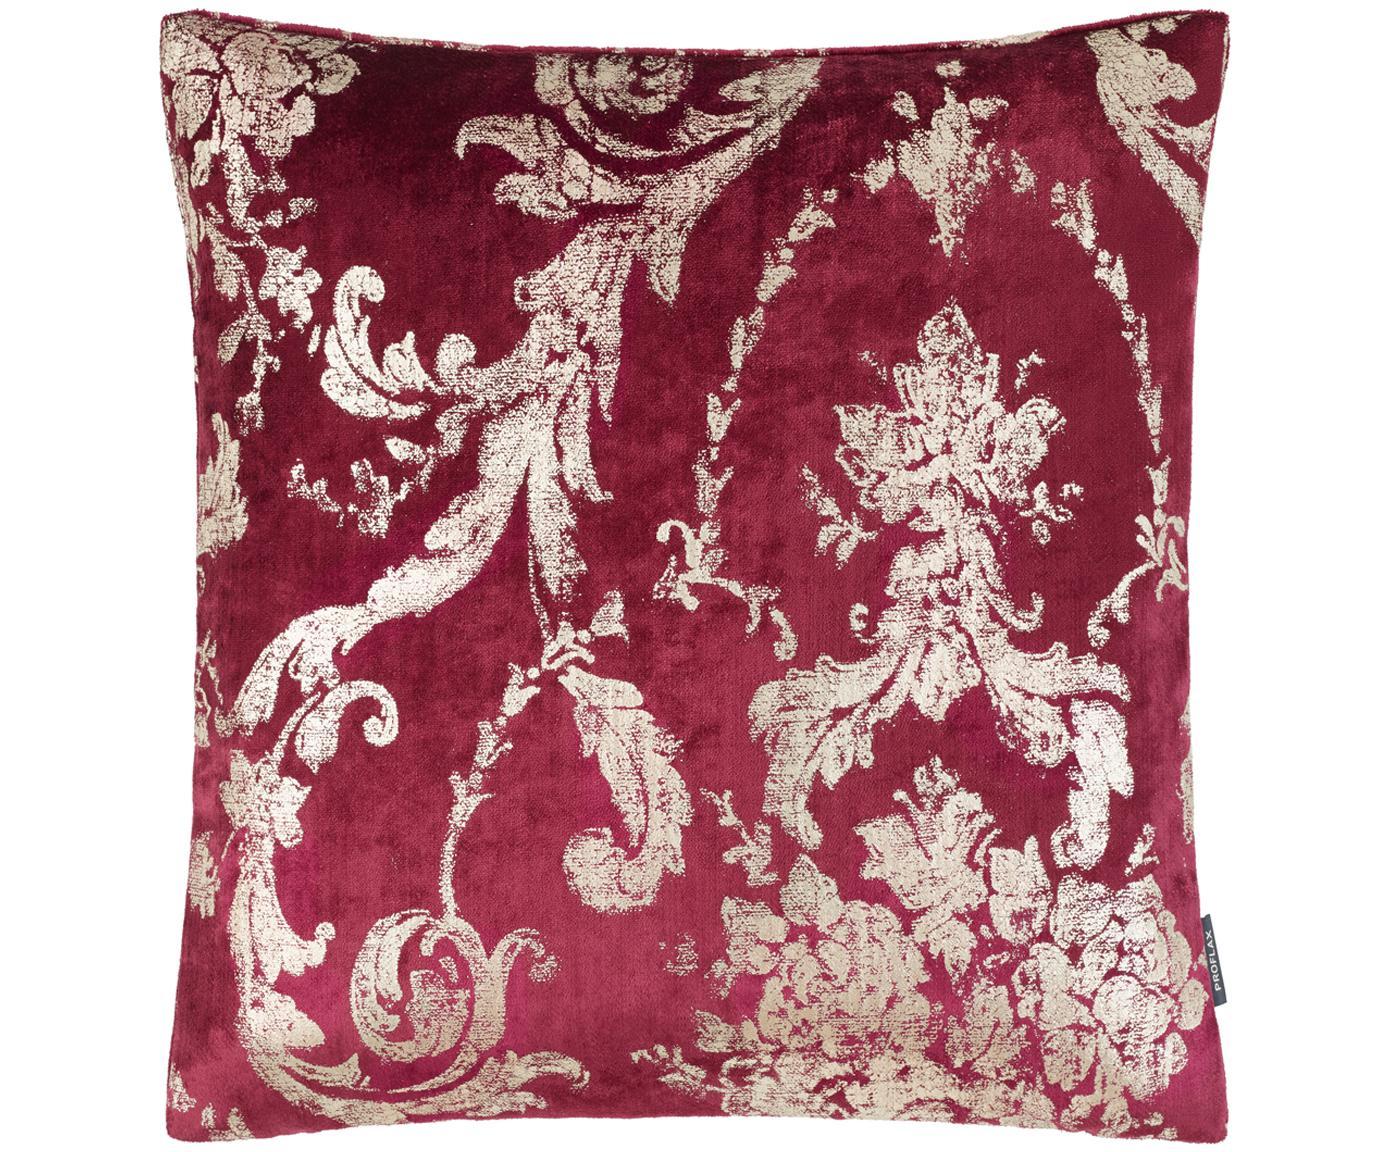 Federa arredo in velluto Ruben, Velluto di poliestere, Rosso scuro, beige, Larg. 40 x Lung. 40 cm